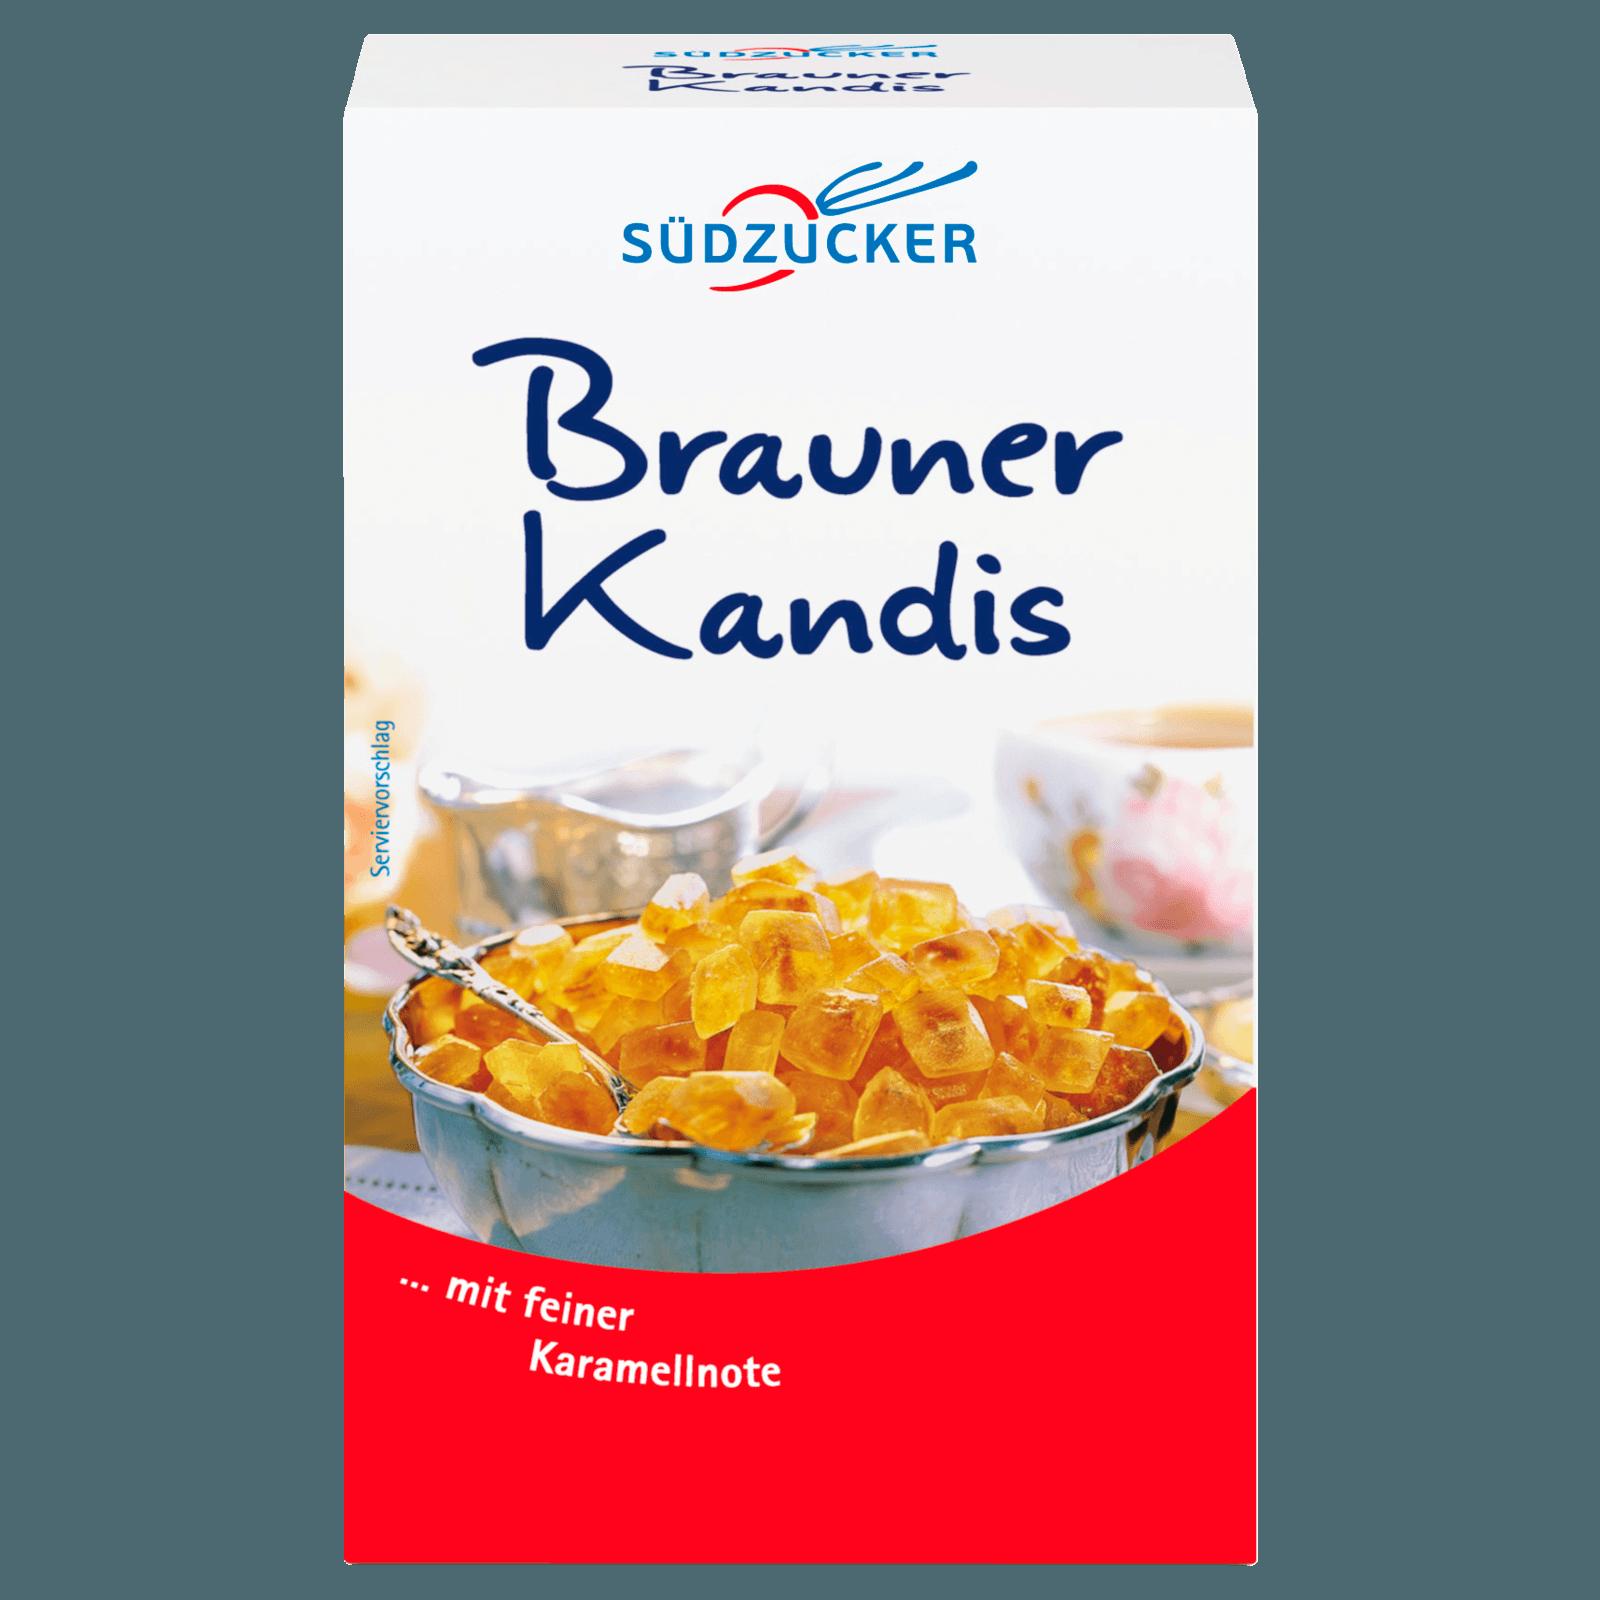 Südzucker Brauner Kandis 500g bei REWE online bestellen!